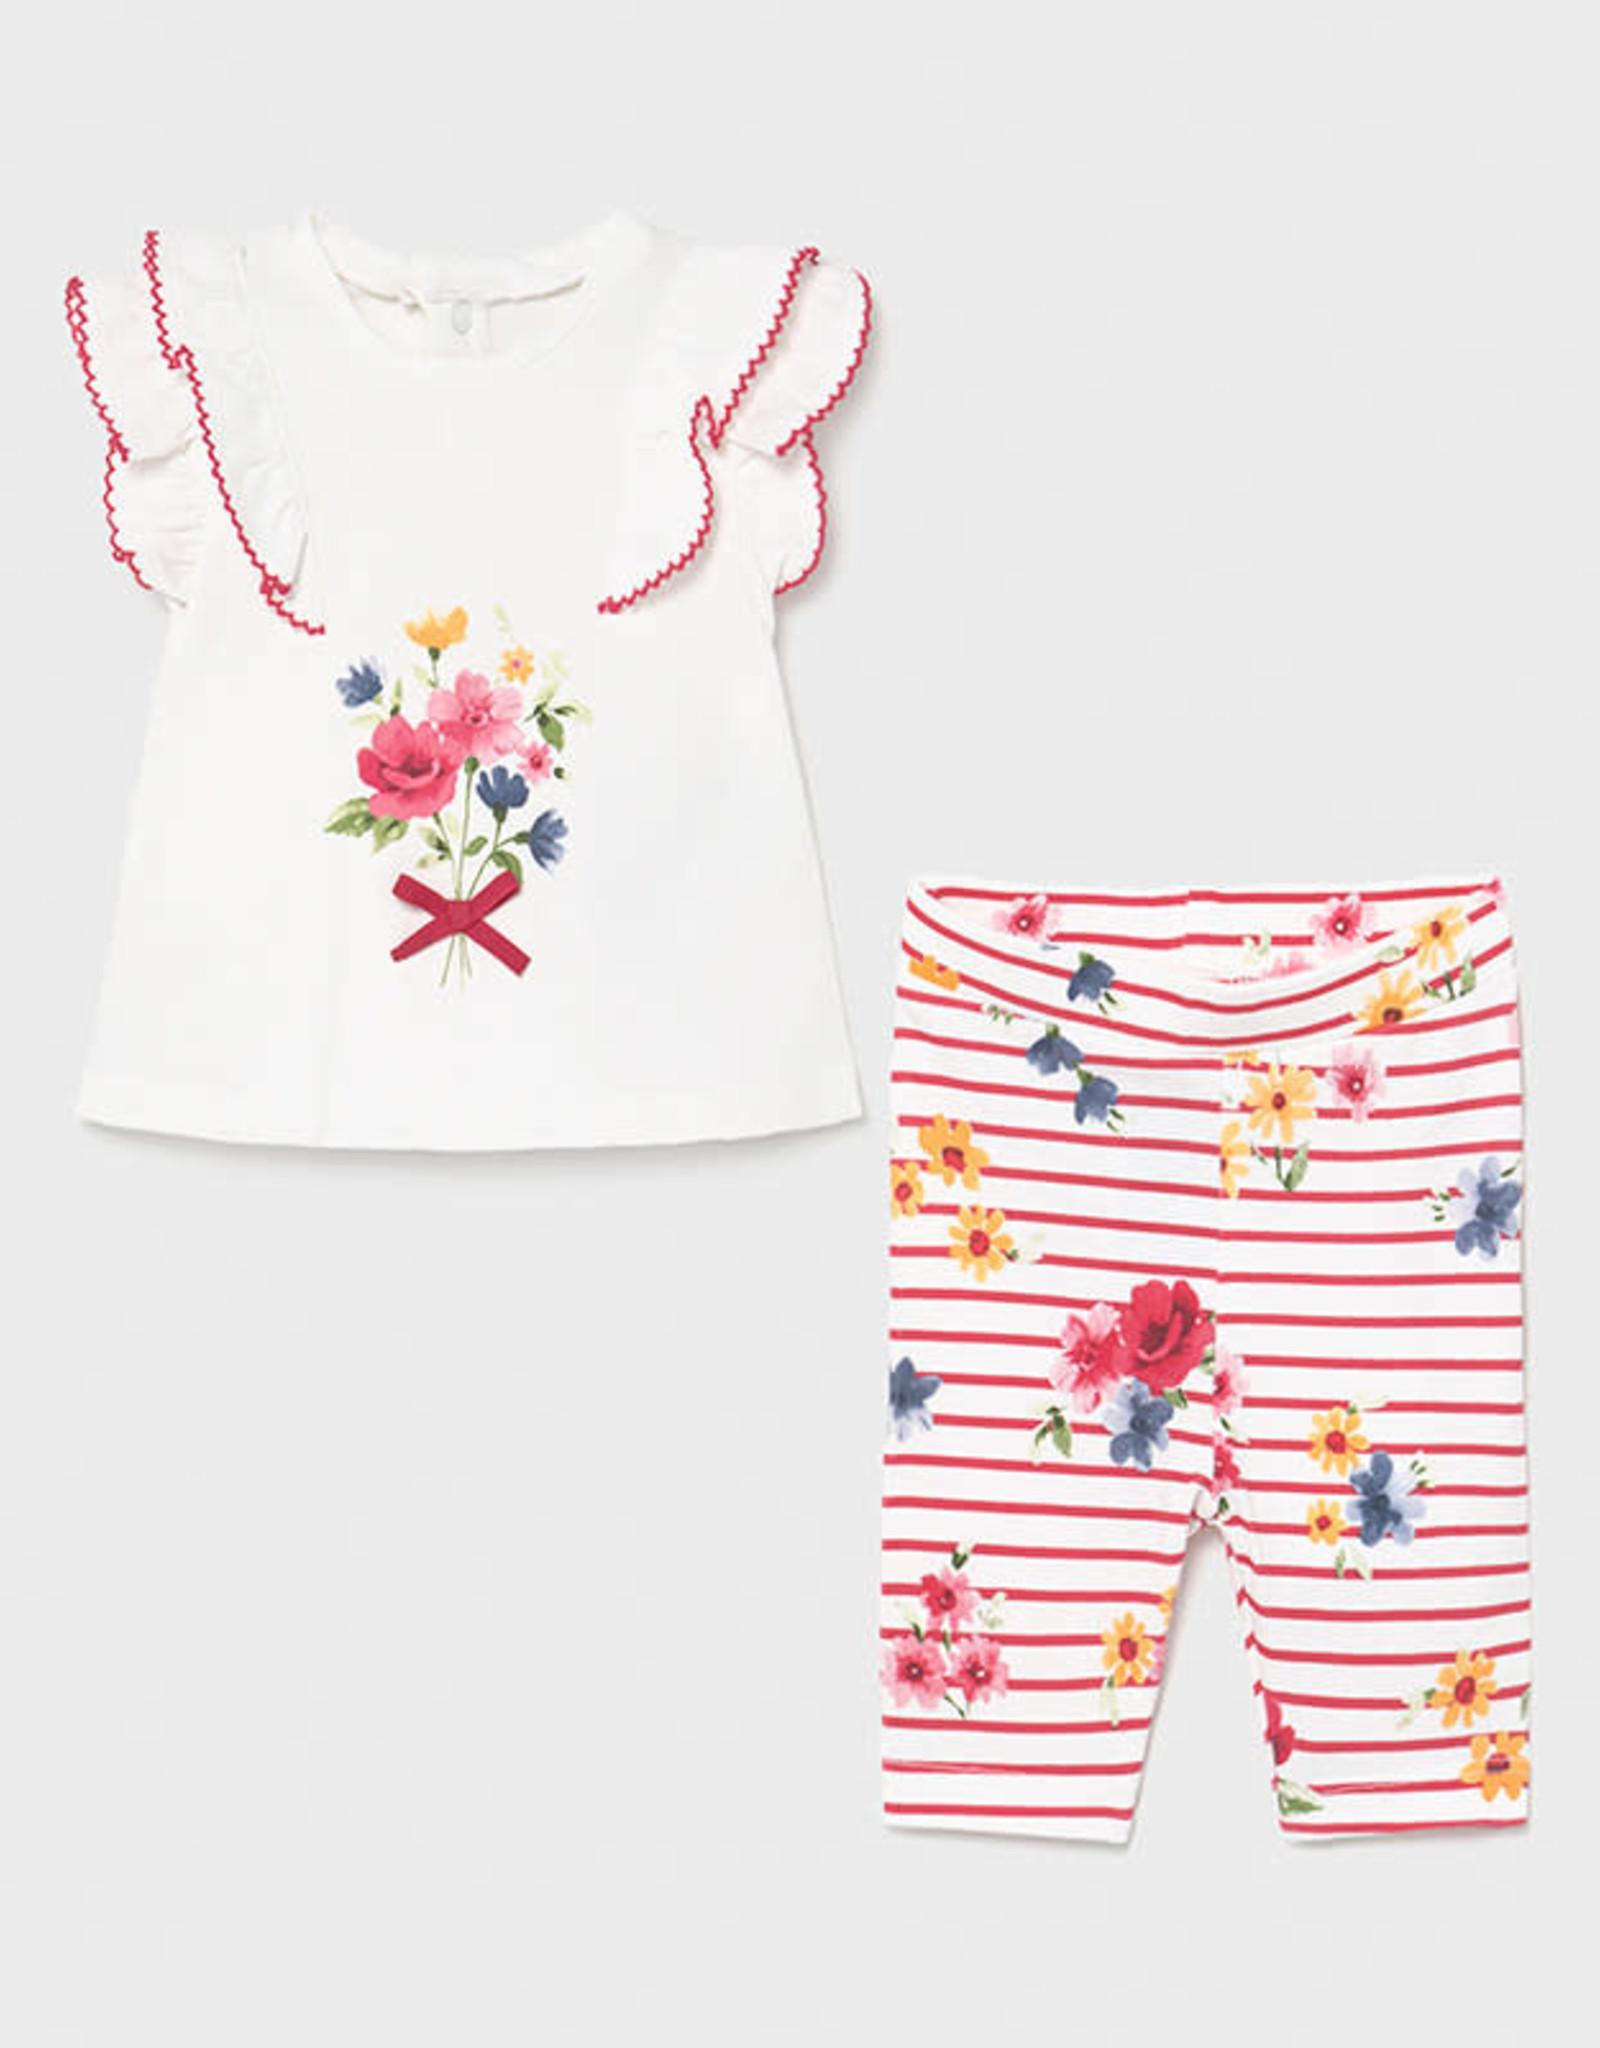 Ruffled Shirt/leggings set